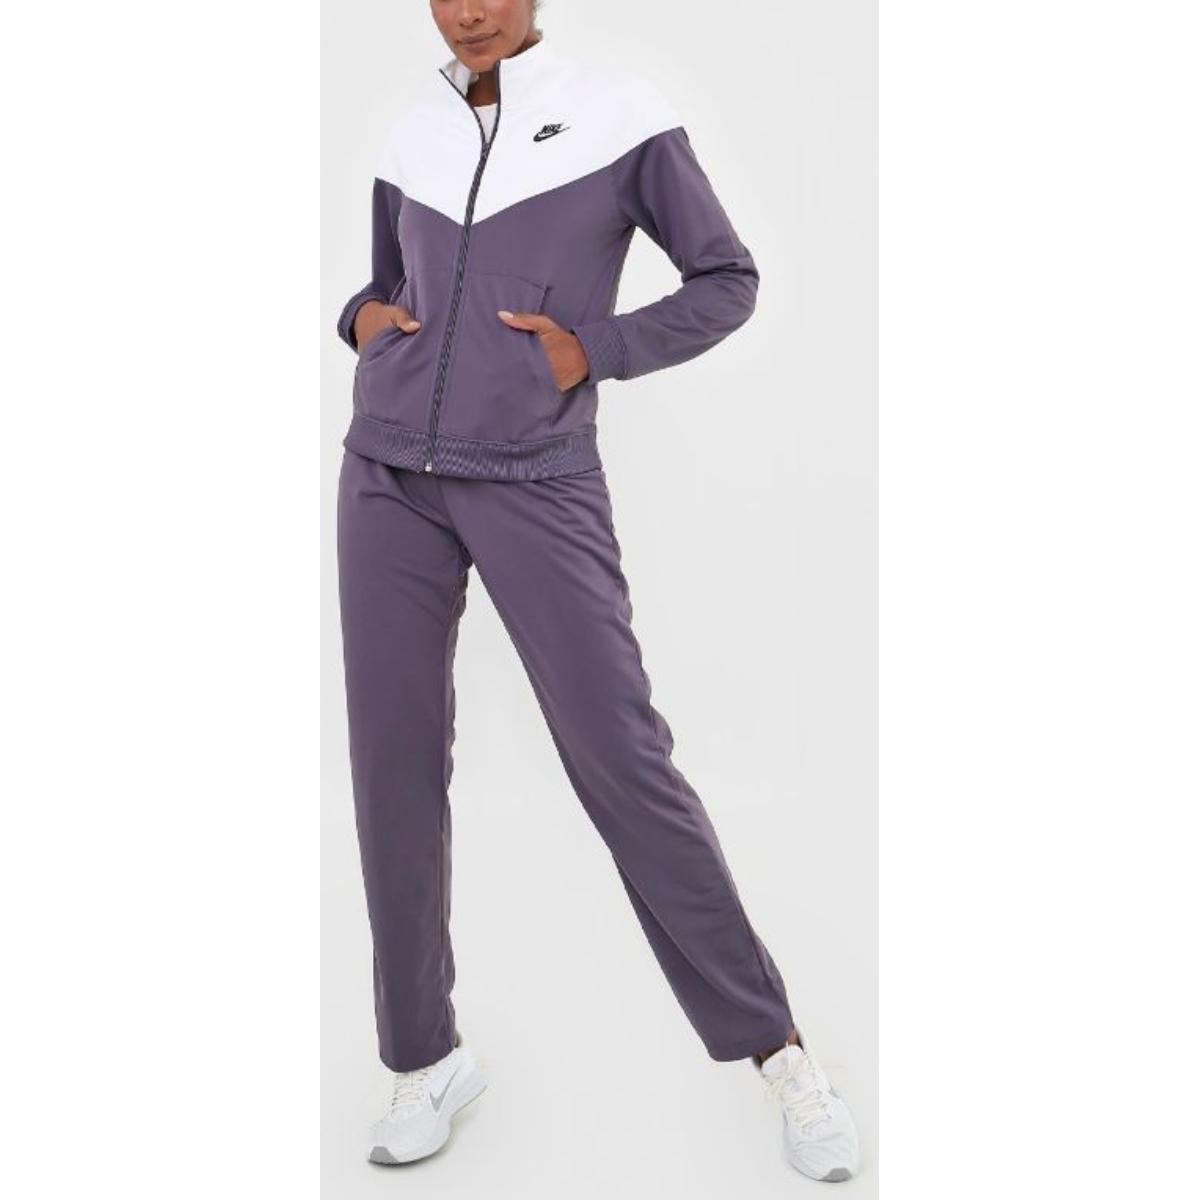 Abrigo Feminino Nike Bv4958-573 Trk Suit pk Roxo/branco